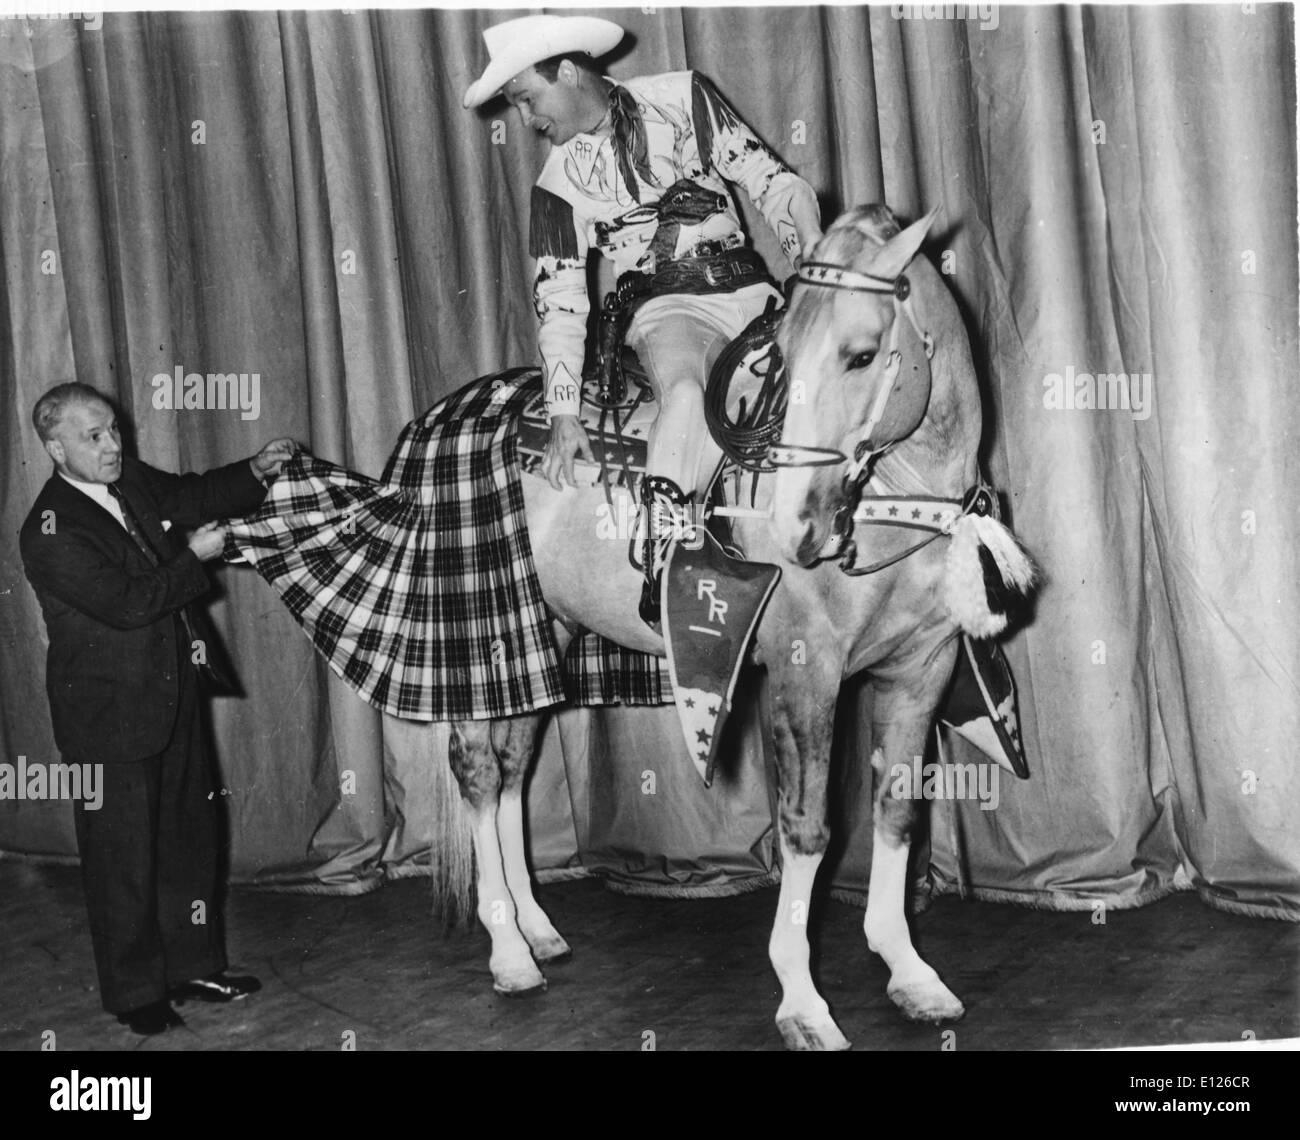 """Jan 02, 2007; Los Angeles, CA, USA; LEONARD FRANKLIN SLYE aka ROY ROGERS (5 novembre 1911 - 6 juillet 1998), qui est devenu célèbre comme Roy Rogers, était un chanteur et acteur cow-boy. Lui et sa troisième épouse Dale Evans, son déclenchement palomino doré, et son berger allemand Bullet ont été présentées dans plus d'une centaine de films et le Roy Rogers Show qui s'est déroulé à la radio pendant 9 ans avant de passer à la télévision de 1951 à 1964. Ses productions habituellement les deux acolytes, Pat Brady (qui conduisait une jeep appelé 'Nellybelle') et la grognon bushwhacker Gabby Hayes. Roy a été le surnom de """"Roi des Cowboys' Banque D'Images"""